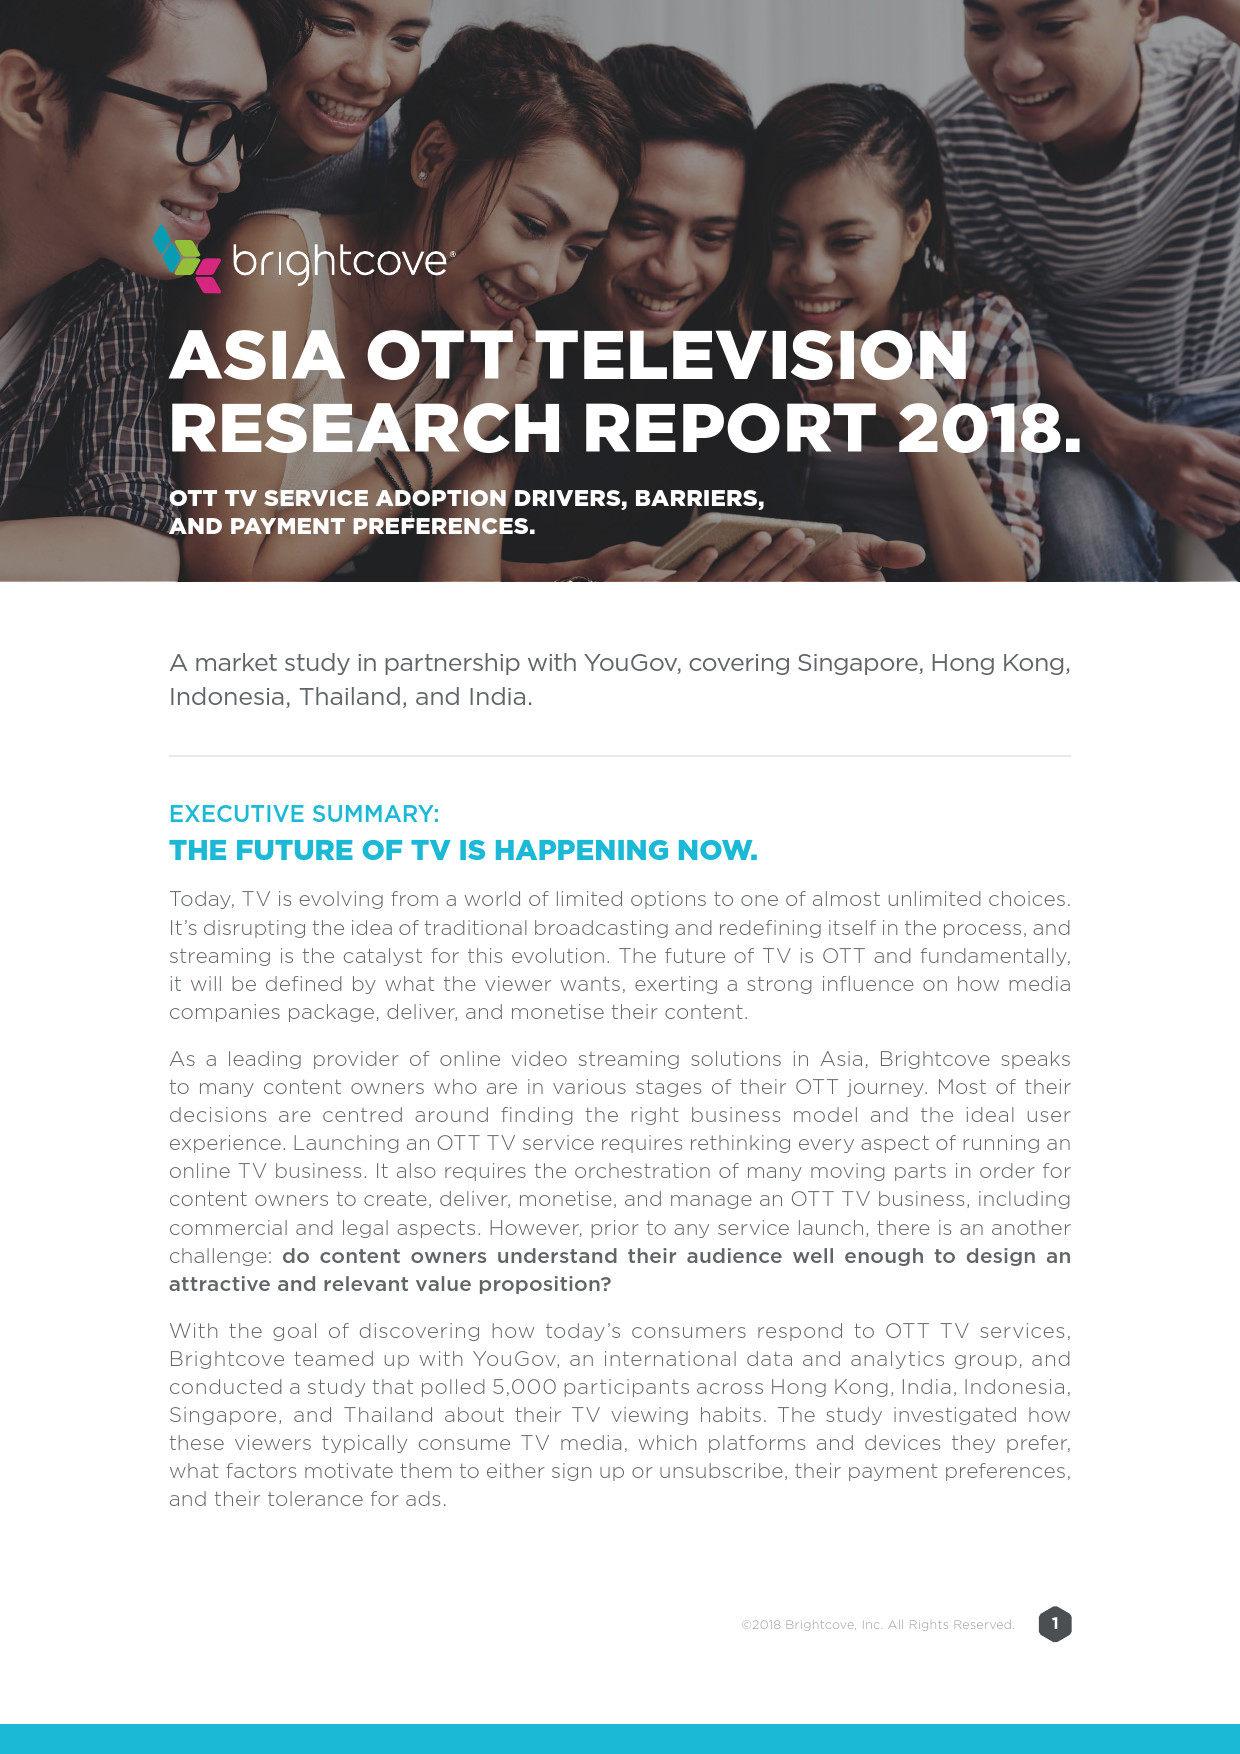 2018年亚洲OTT电视报告发布